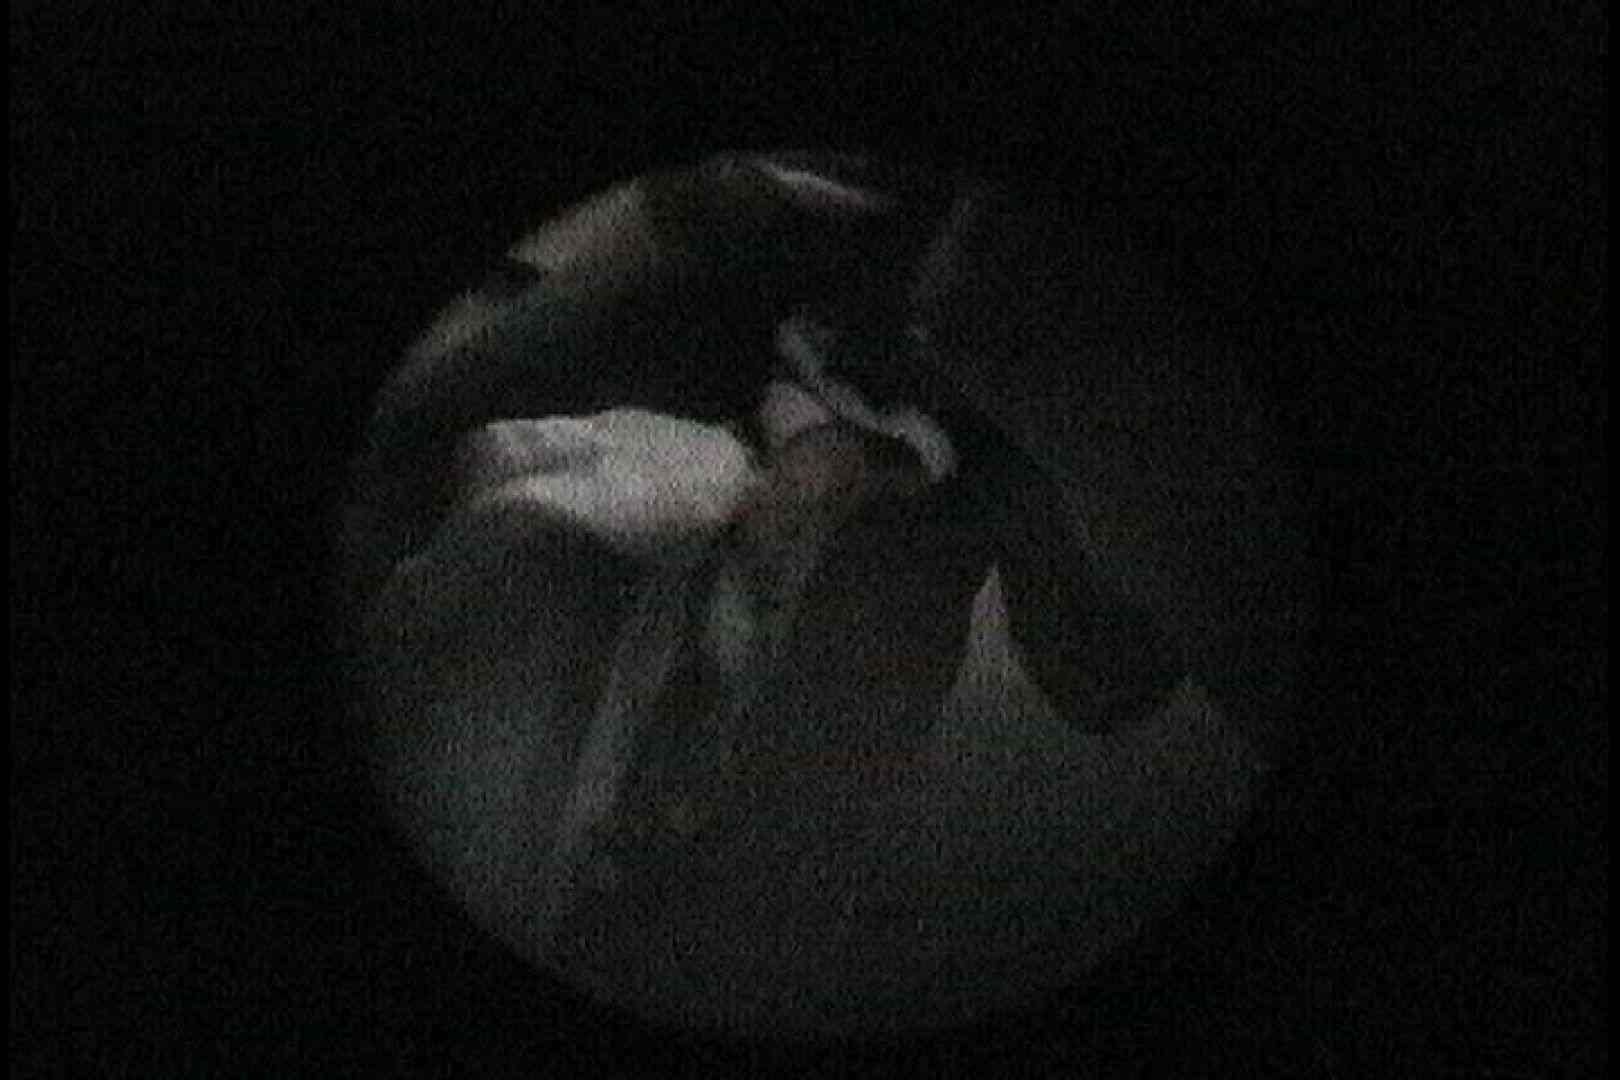 無修正エロ動画|No.118 半生タイプのちんちんをソフトタッチ|怪盗ジョーカー